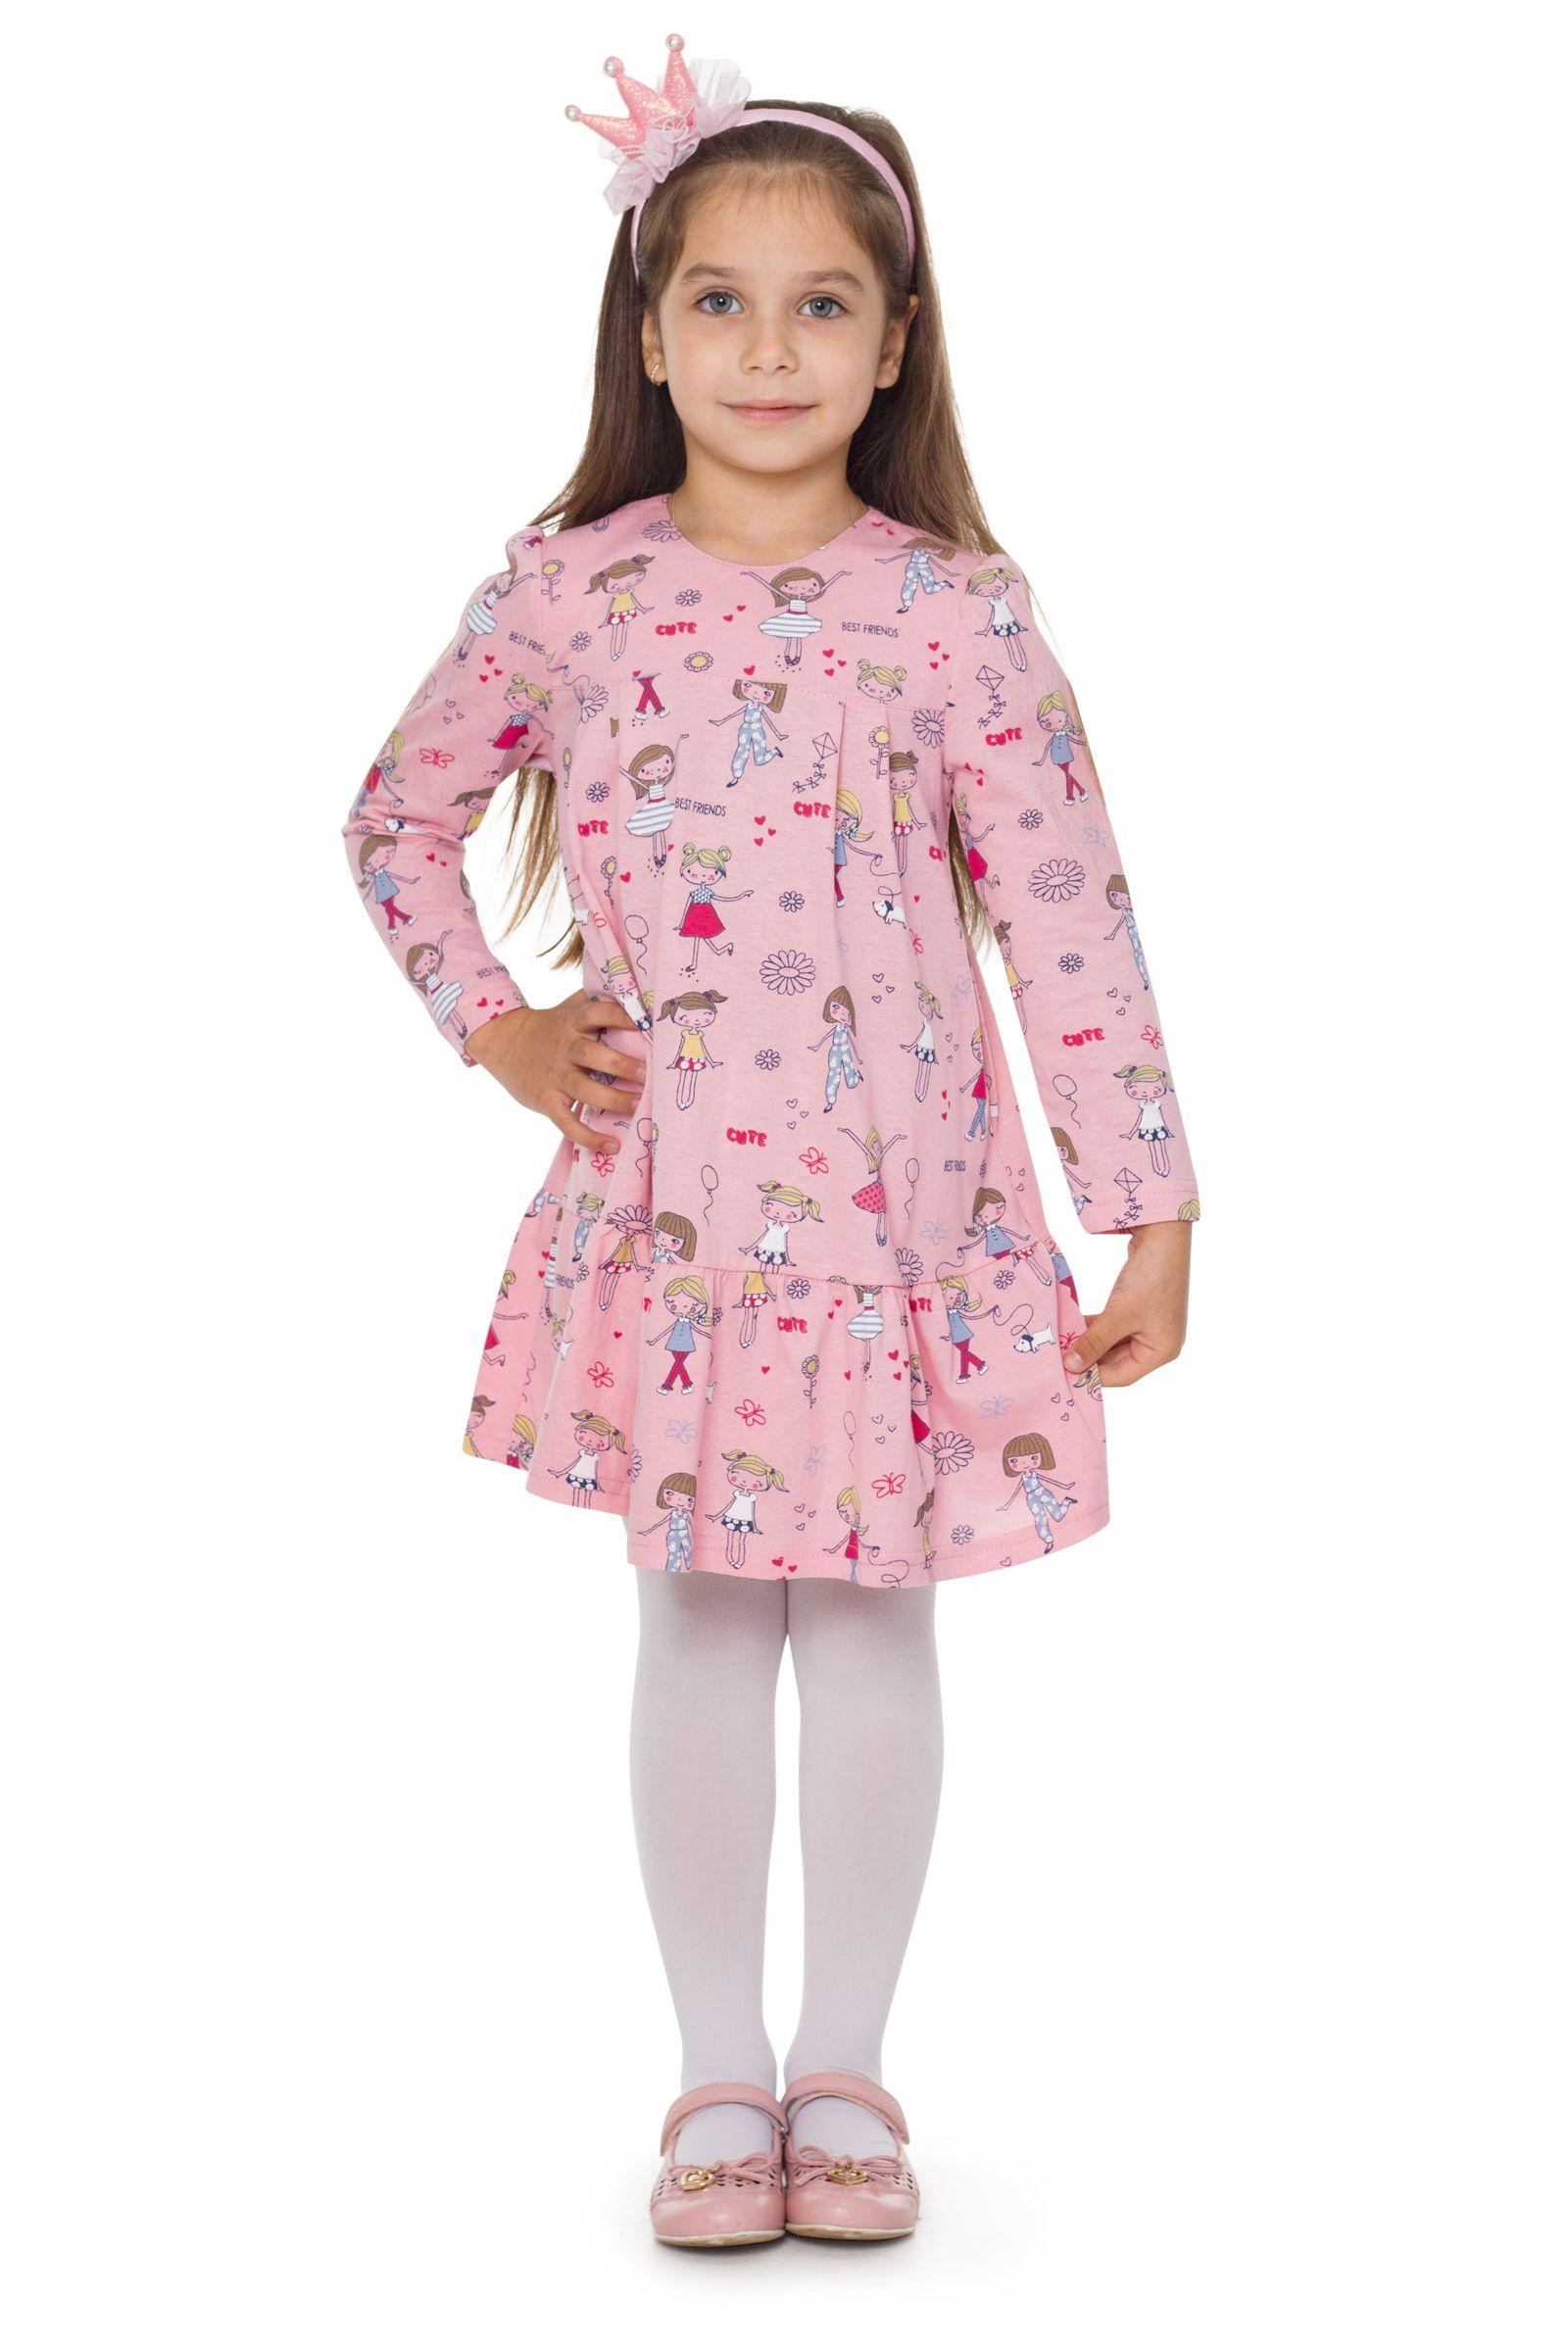 fc3b85974f1 ... Платье-ПЛ02-2556 оптом от производителя детской одежды  Алёна  ...